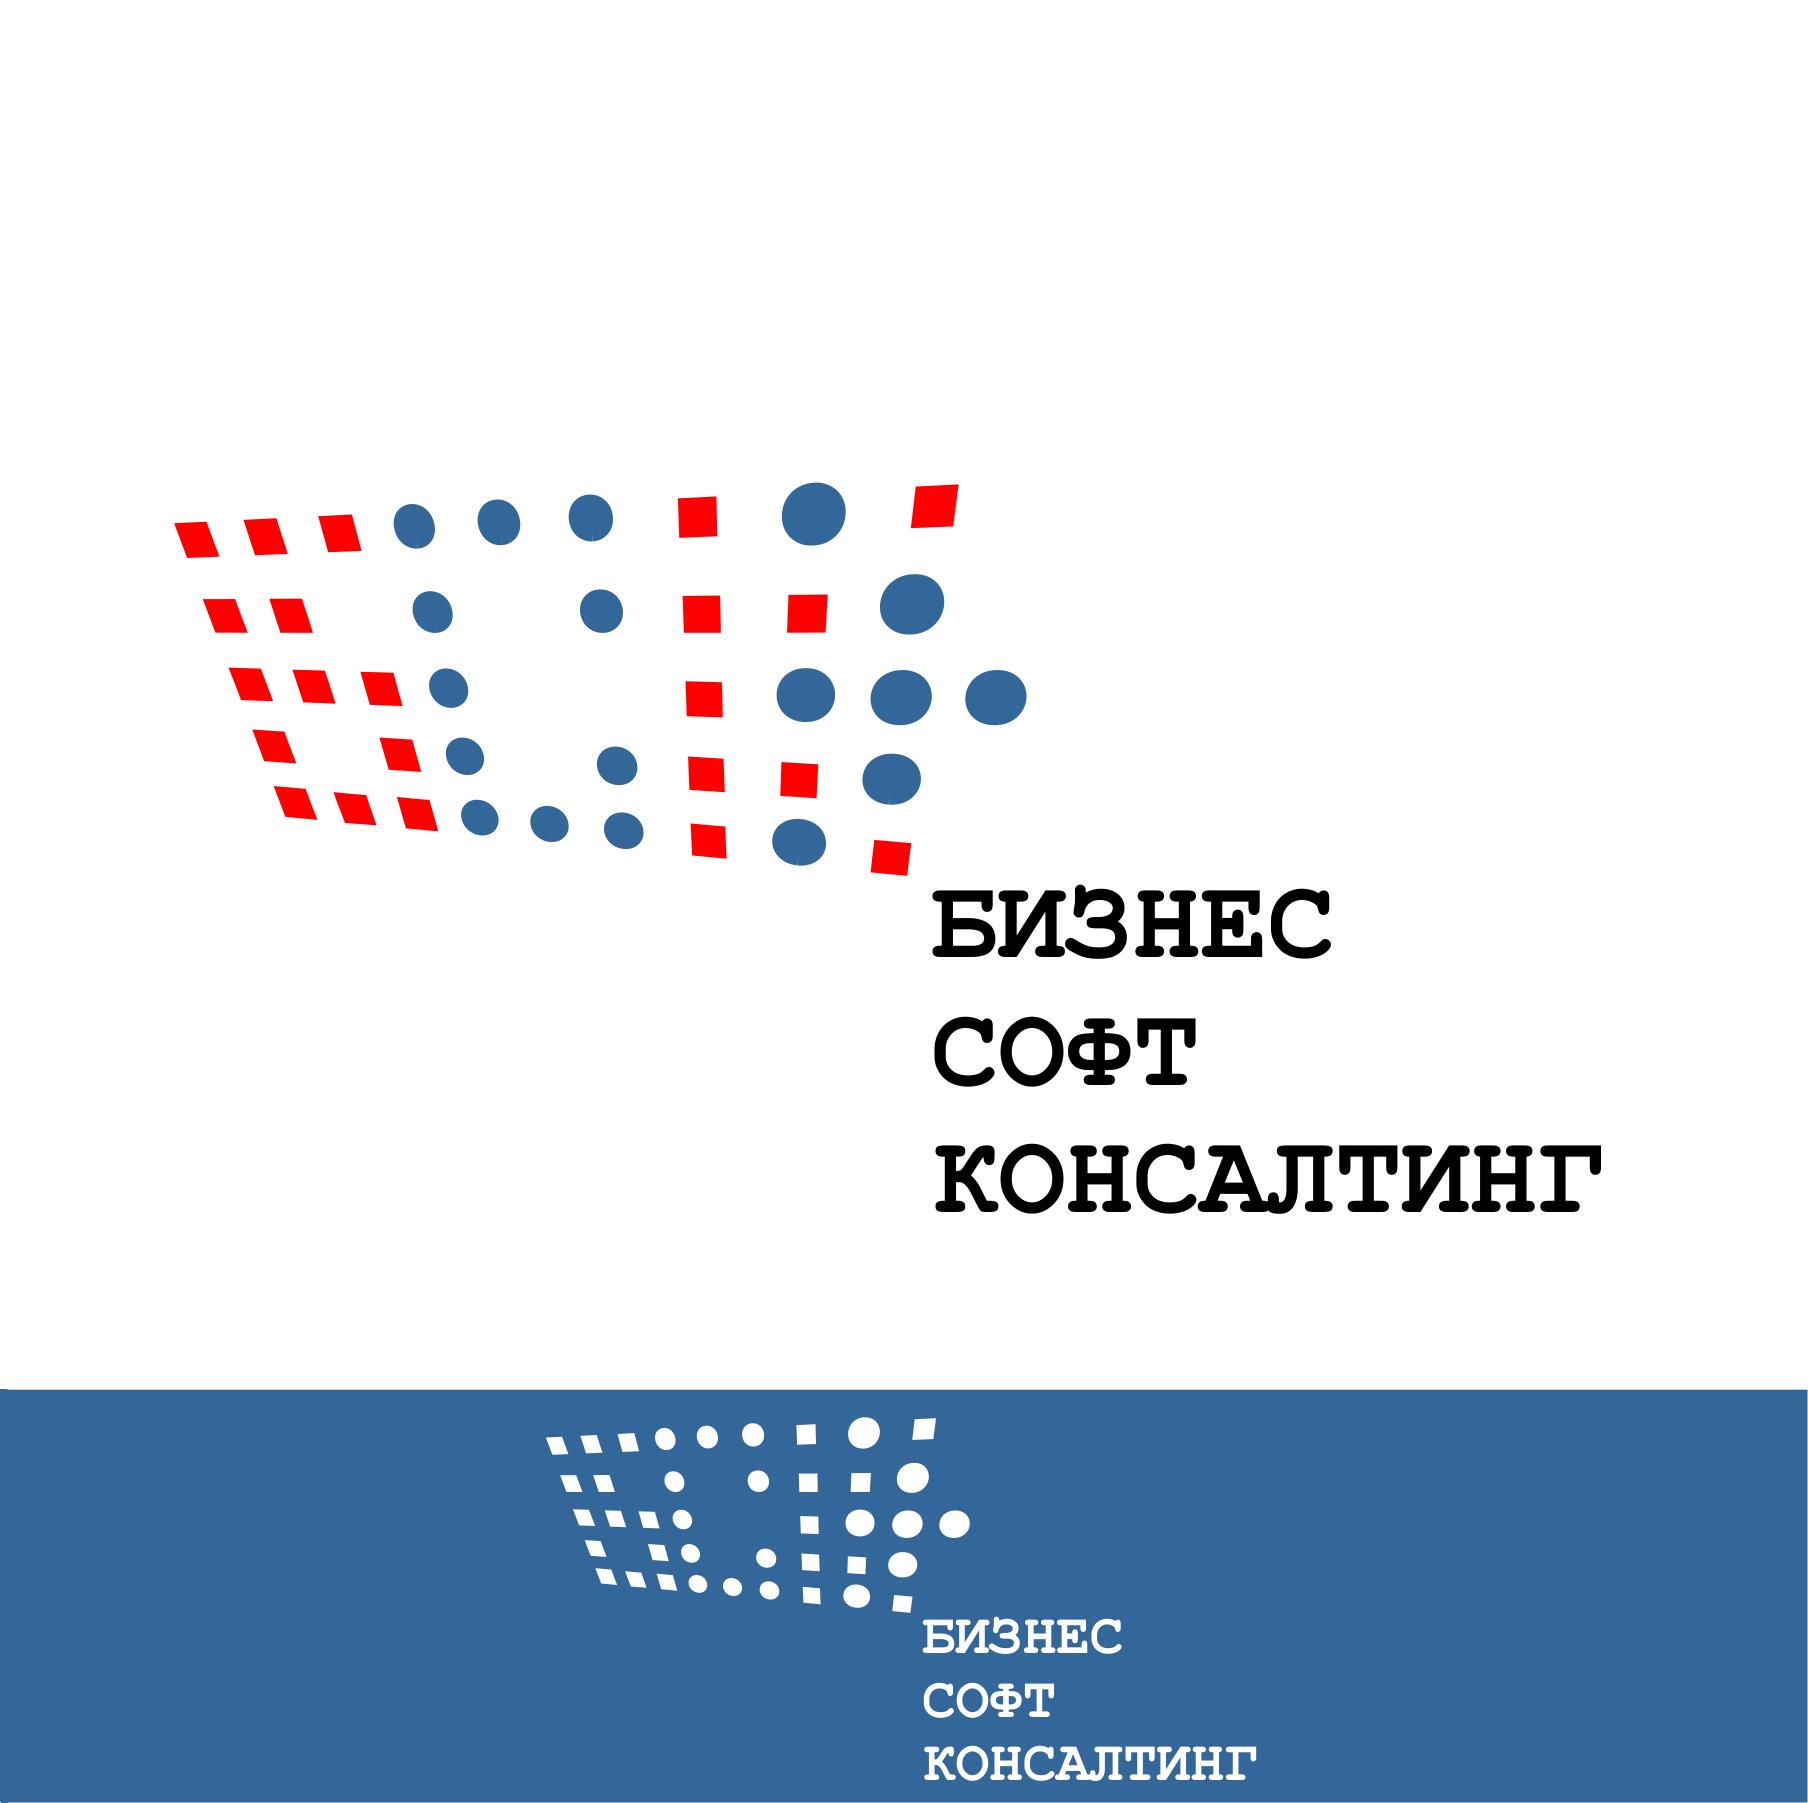 Разработать логотип со смыслом для компании-разработчика ПО фото f_5051abe1e0202.png